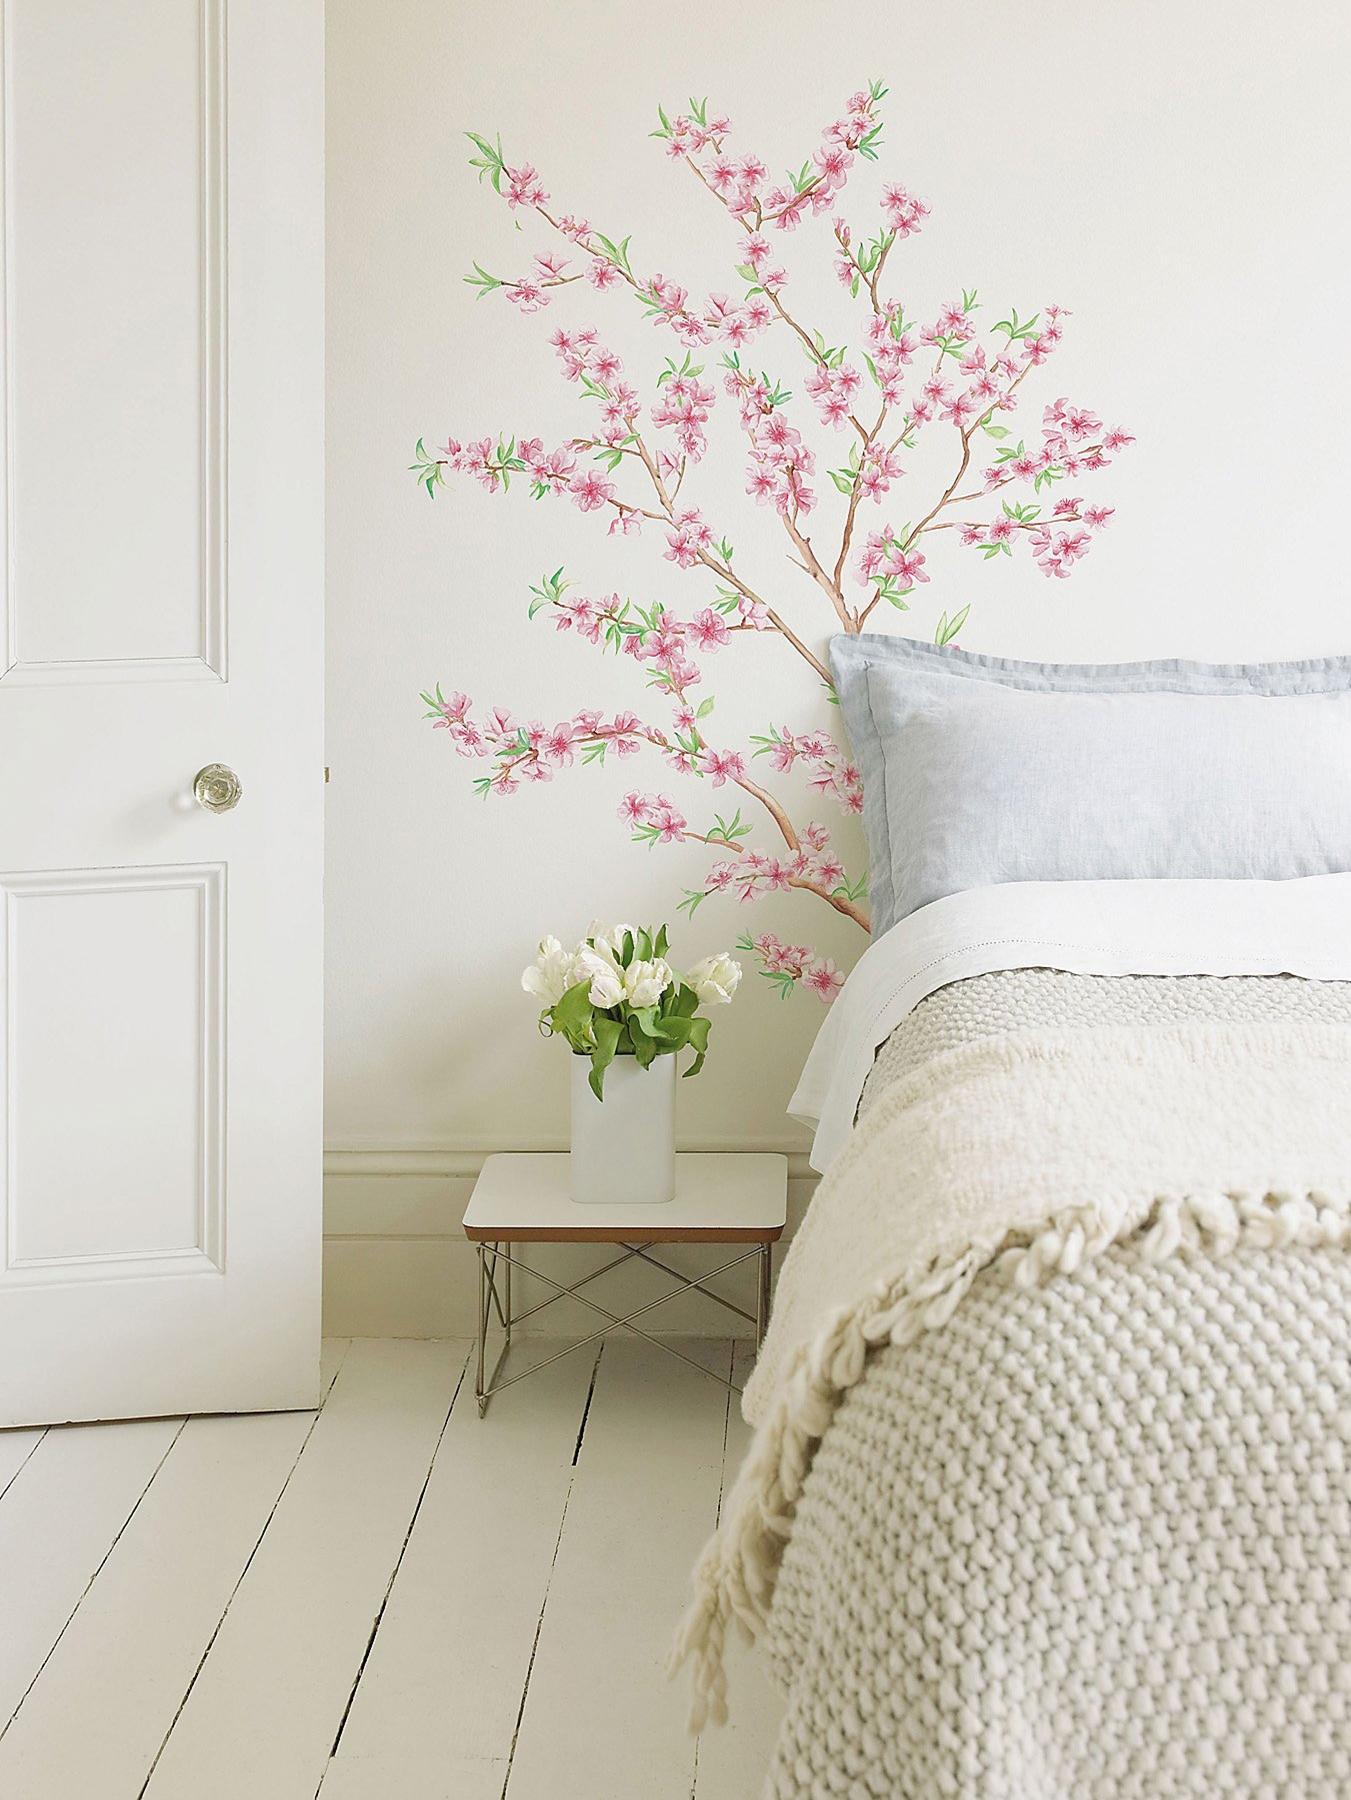 SLAAPKAMERS: 10 manieren om je slaapkamer een nieuwe, frisse look te ...